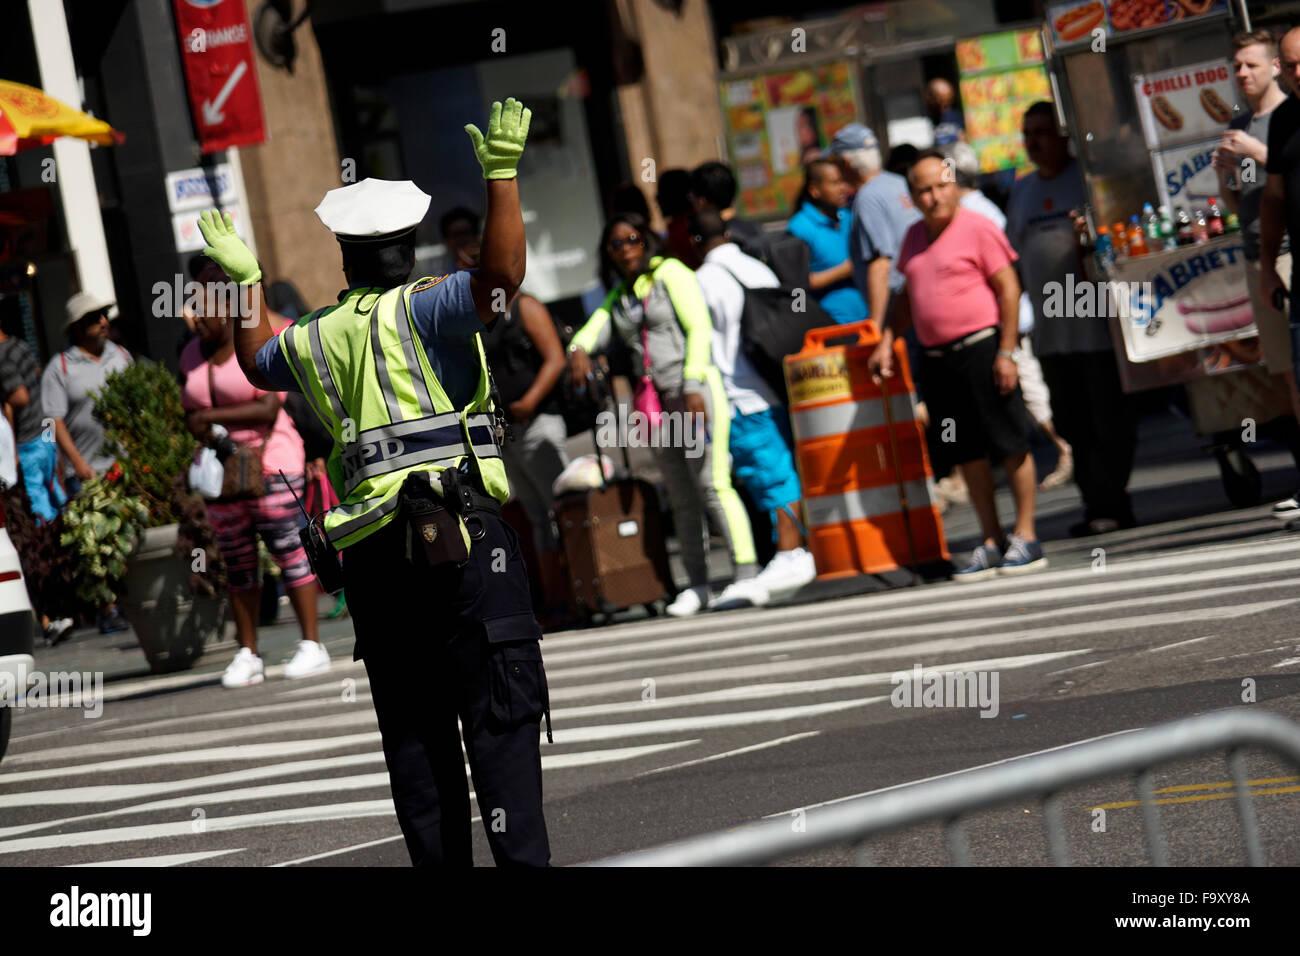 Donna di polizia dirigere traffico nei pressi di Herald Square nel centro cittadino di Manhattan, New York City, Immagini Stock